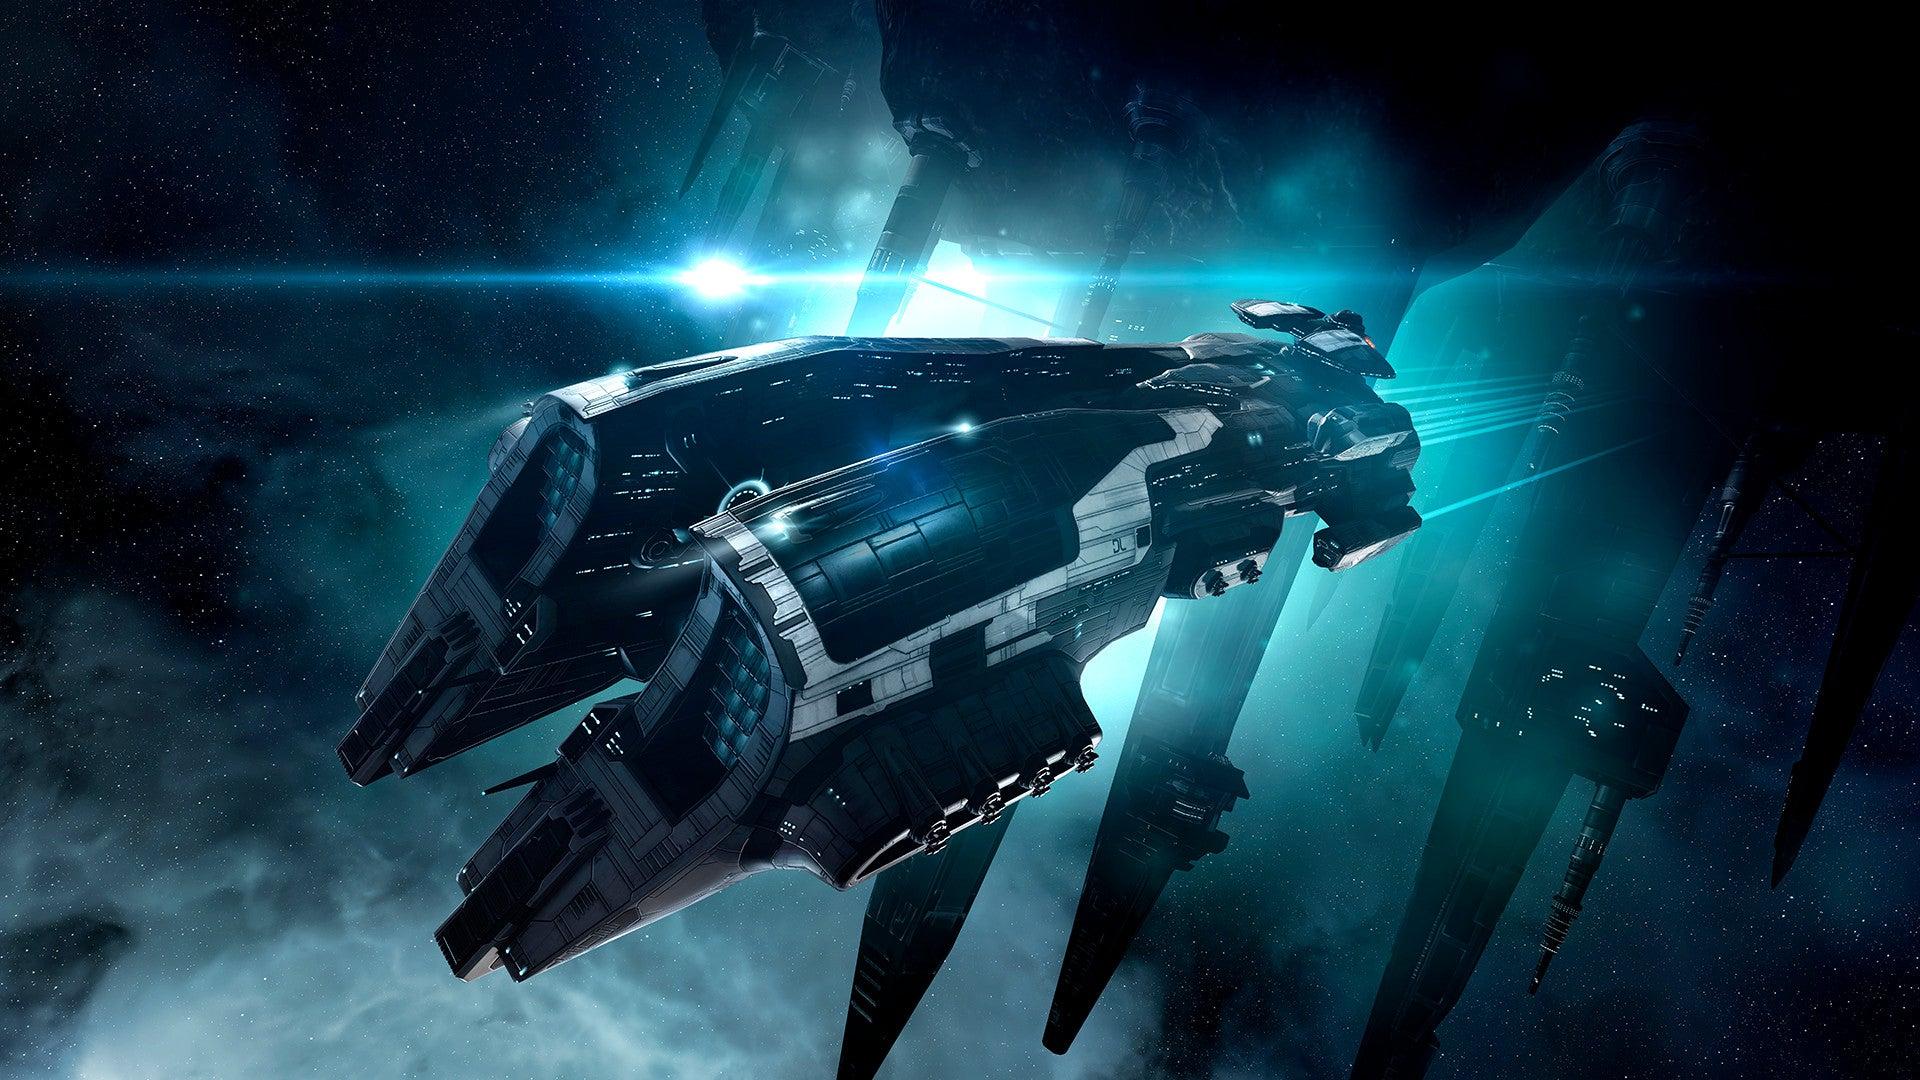 青い光を放つ宇宙船画像